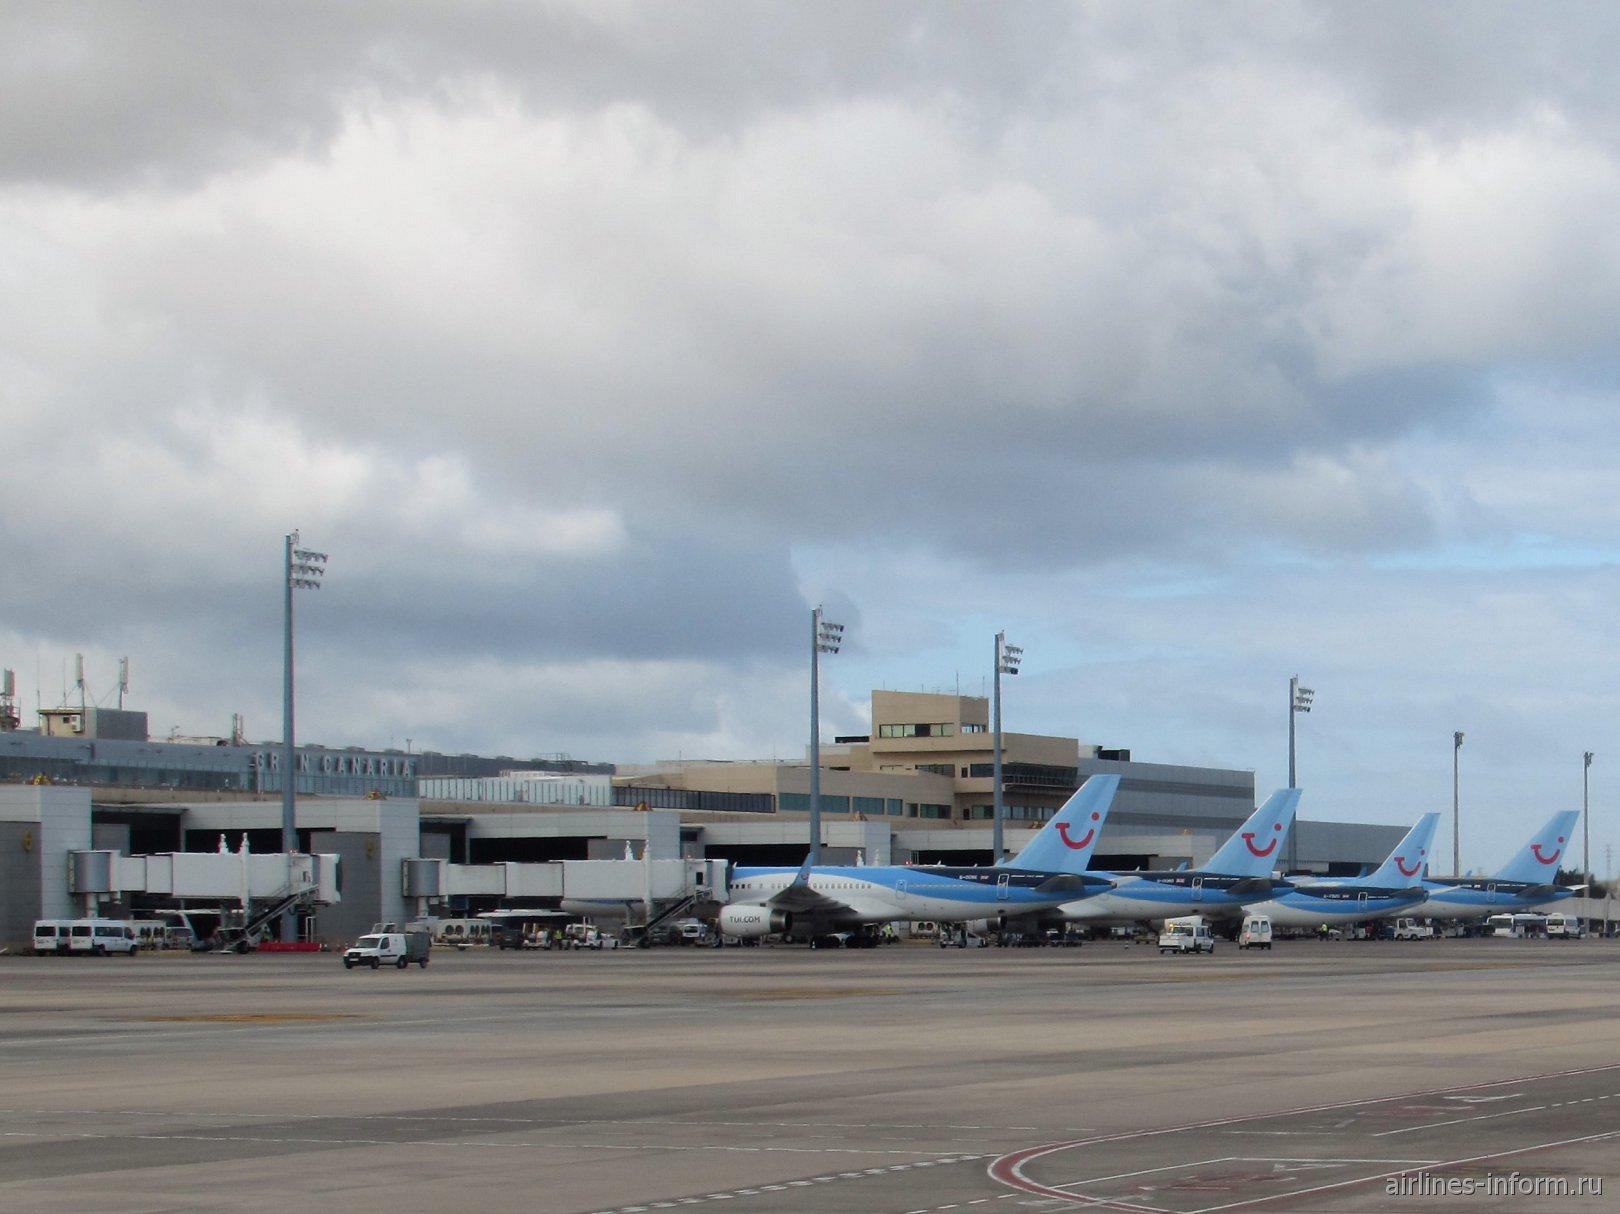 Аэропорт Гран-Канария на Канарских островах